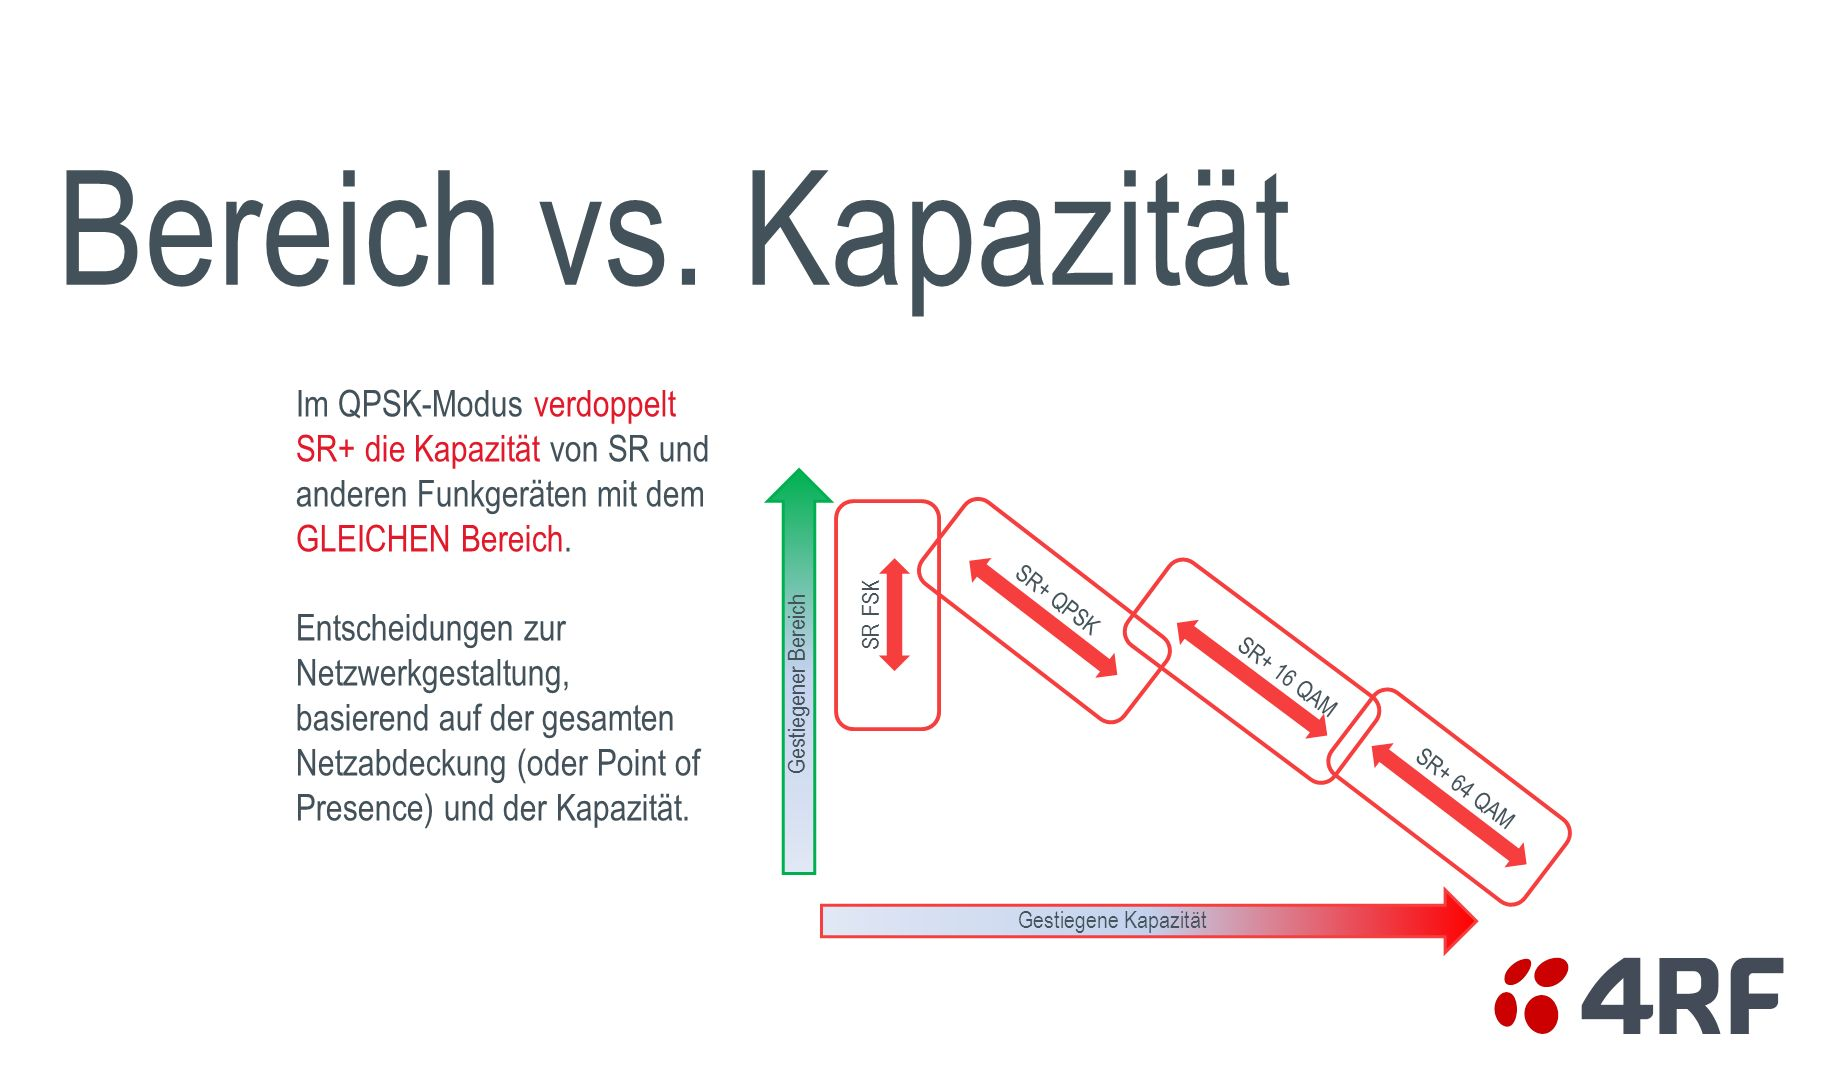 Bereich vs. Kapazität Im QPSK-Modus verdoppelt SR+ die Kapazität von SR und anderen Funkgeräten mit dem GLEICHEN Bereich.